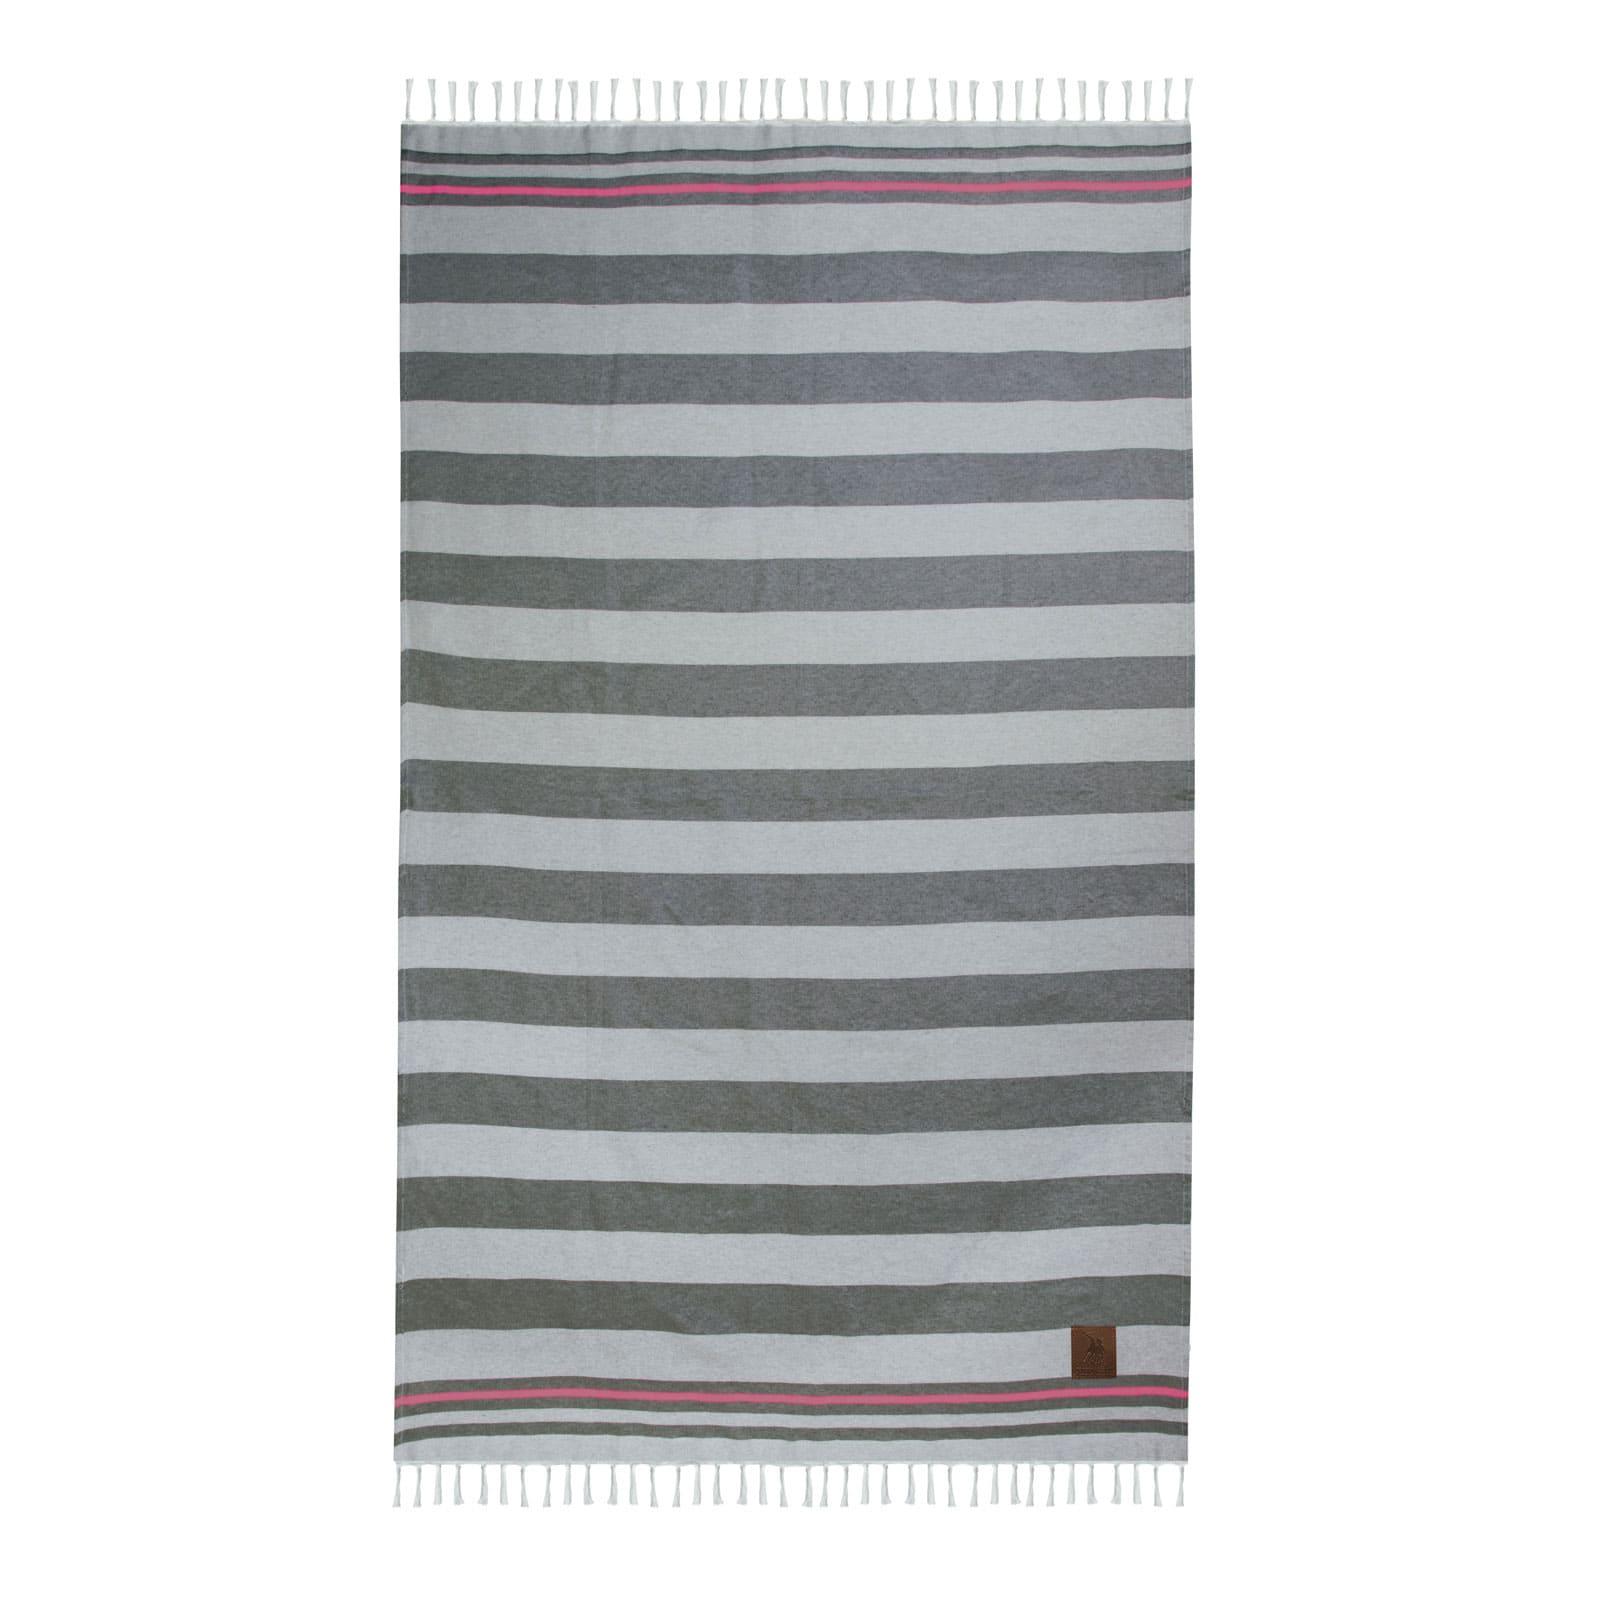 Πετσέτα Θαλάσσης 3582 Grey-Fuchsia G.P.C. Θαλάσσης